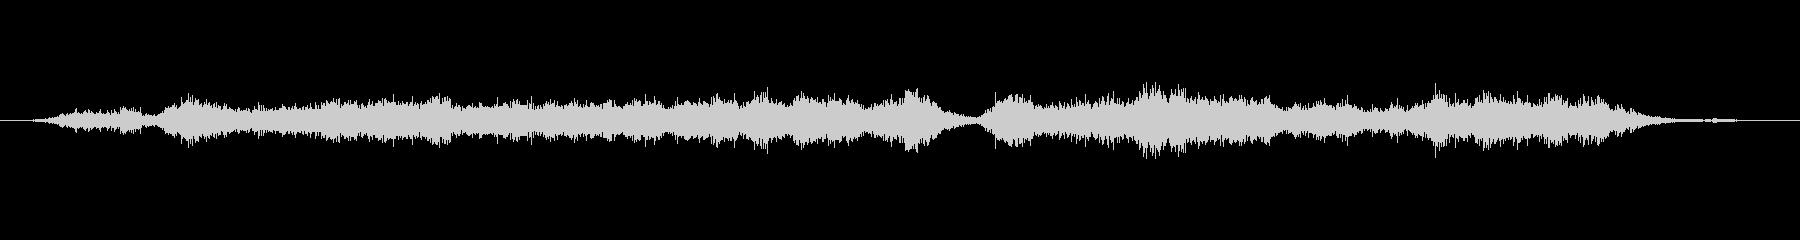 メタル Squeal Dirt L...の未再生の波形